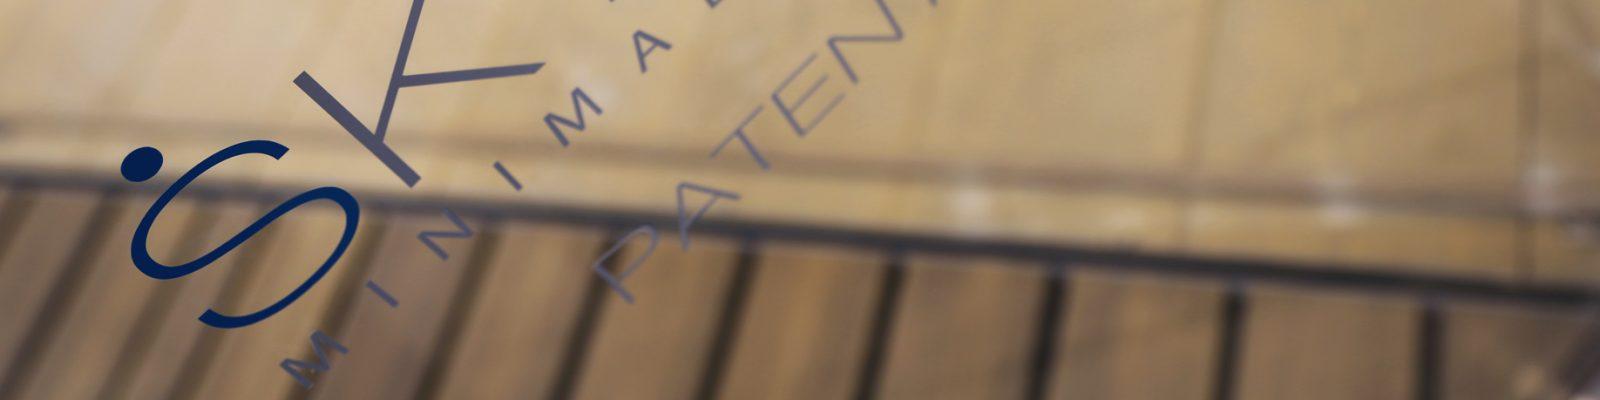 Trasmittanza termica Skyline 78, immagine di copertina